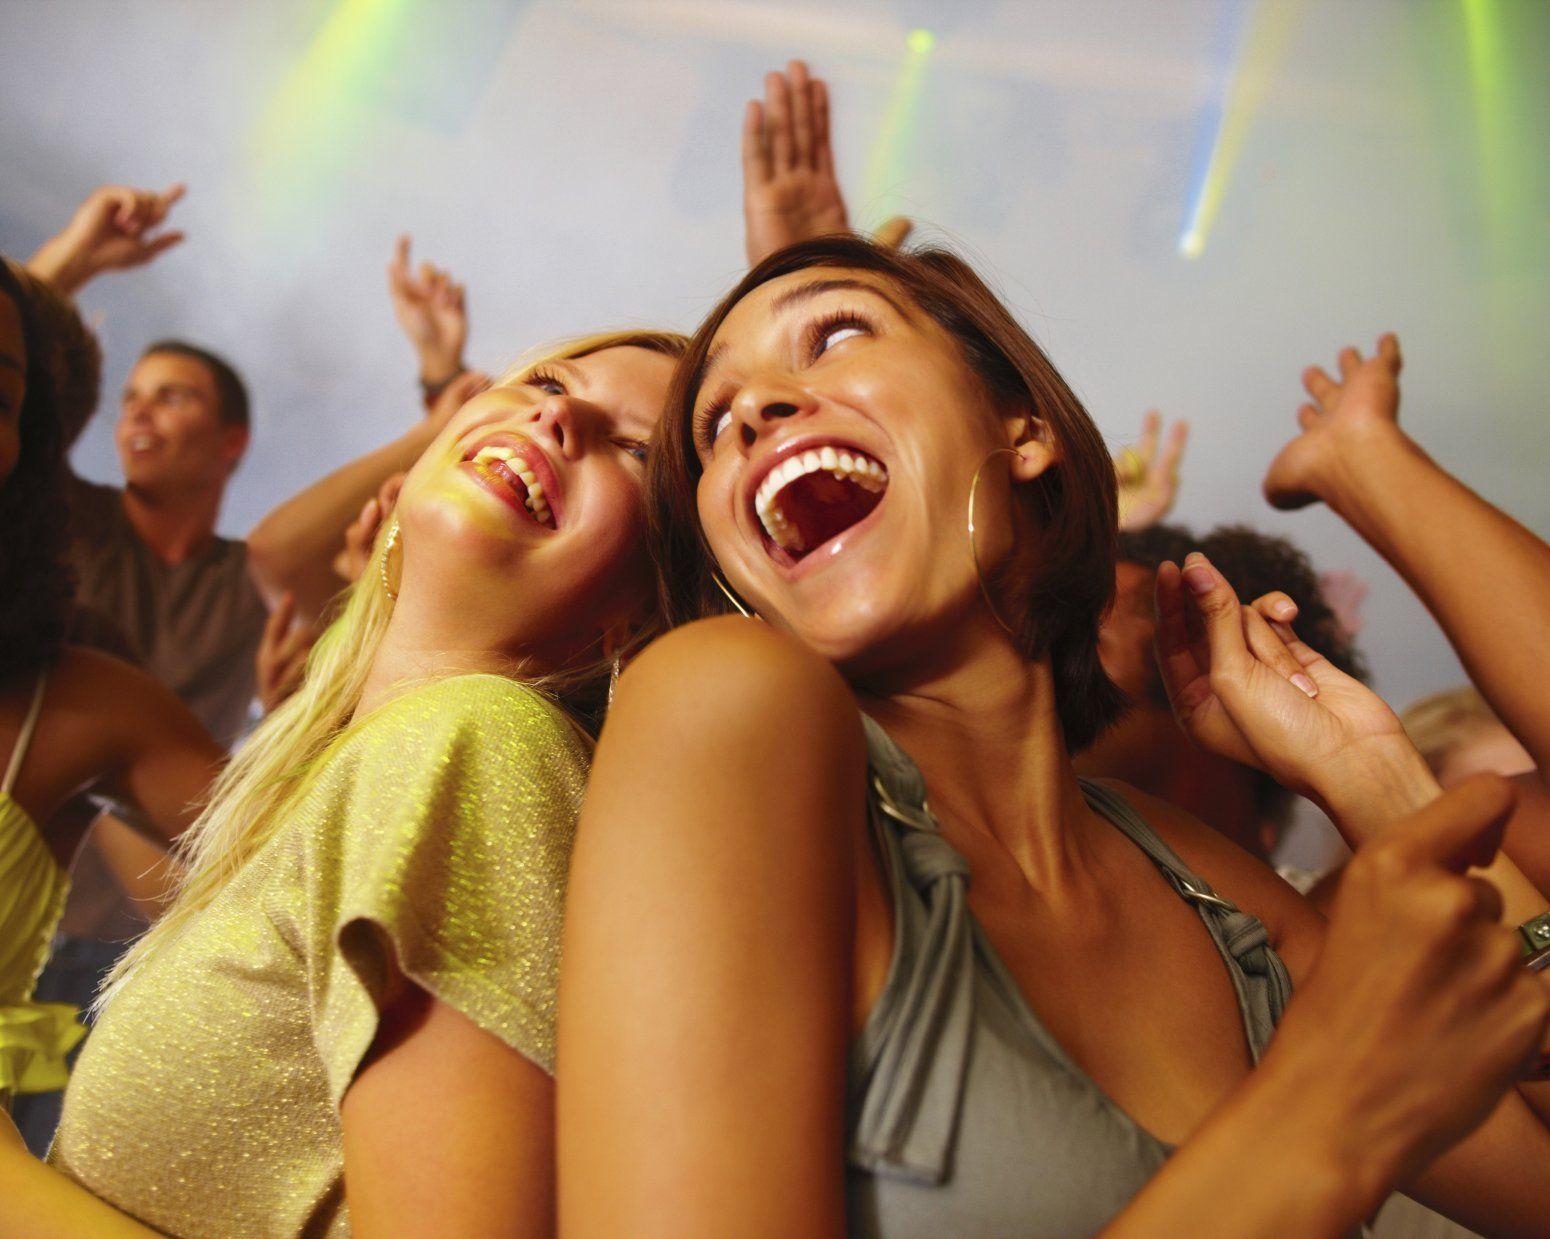 Escuchar Radios Y Emisoras De Radio On Line De España Las 24 Horas Disfruta Las Mejores Ra Musica Para Relajarse Música De Meditación Escuchar Musica Gratis